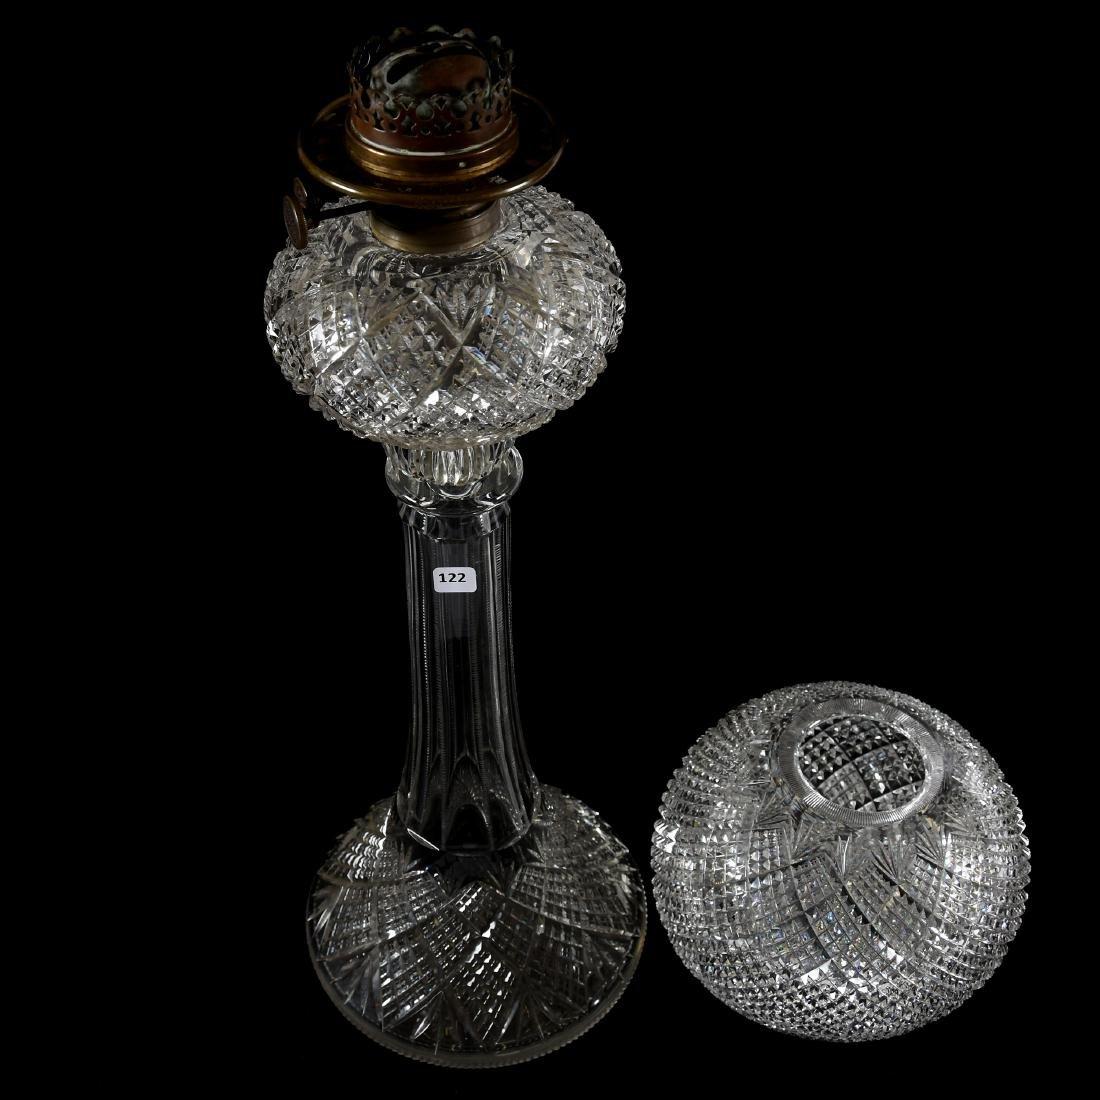 Banquet Lamp, Crosscut Diamond & Fan Motif - 4